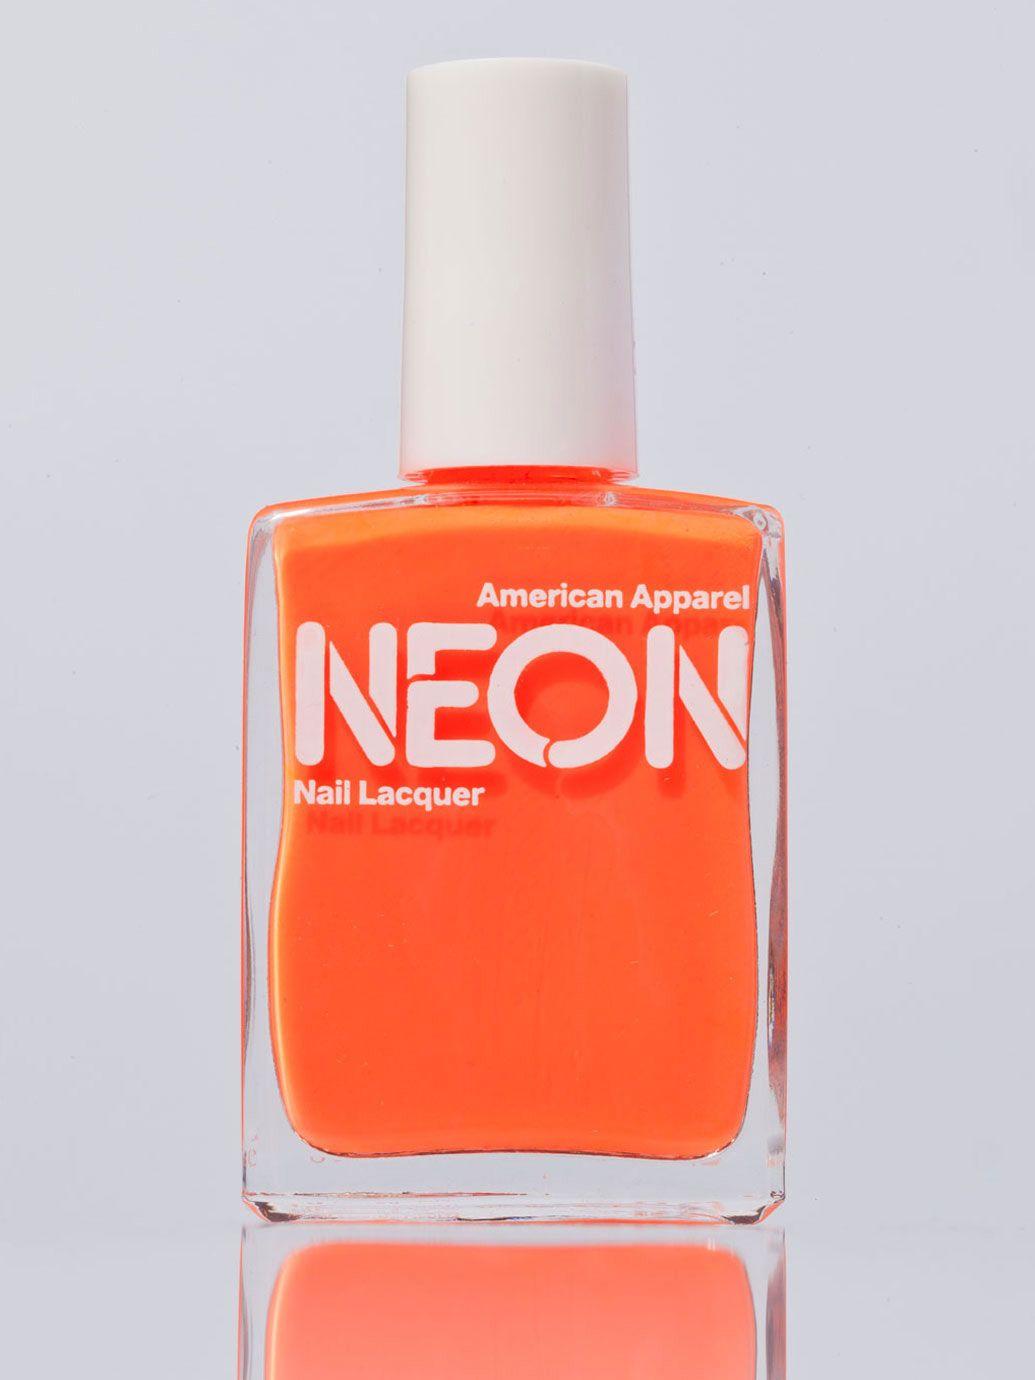 American Apparel Neon Nail Polish Neon Nails Neon Nail Polish